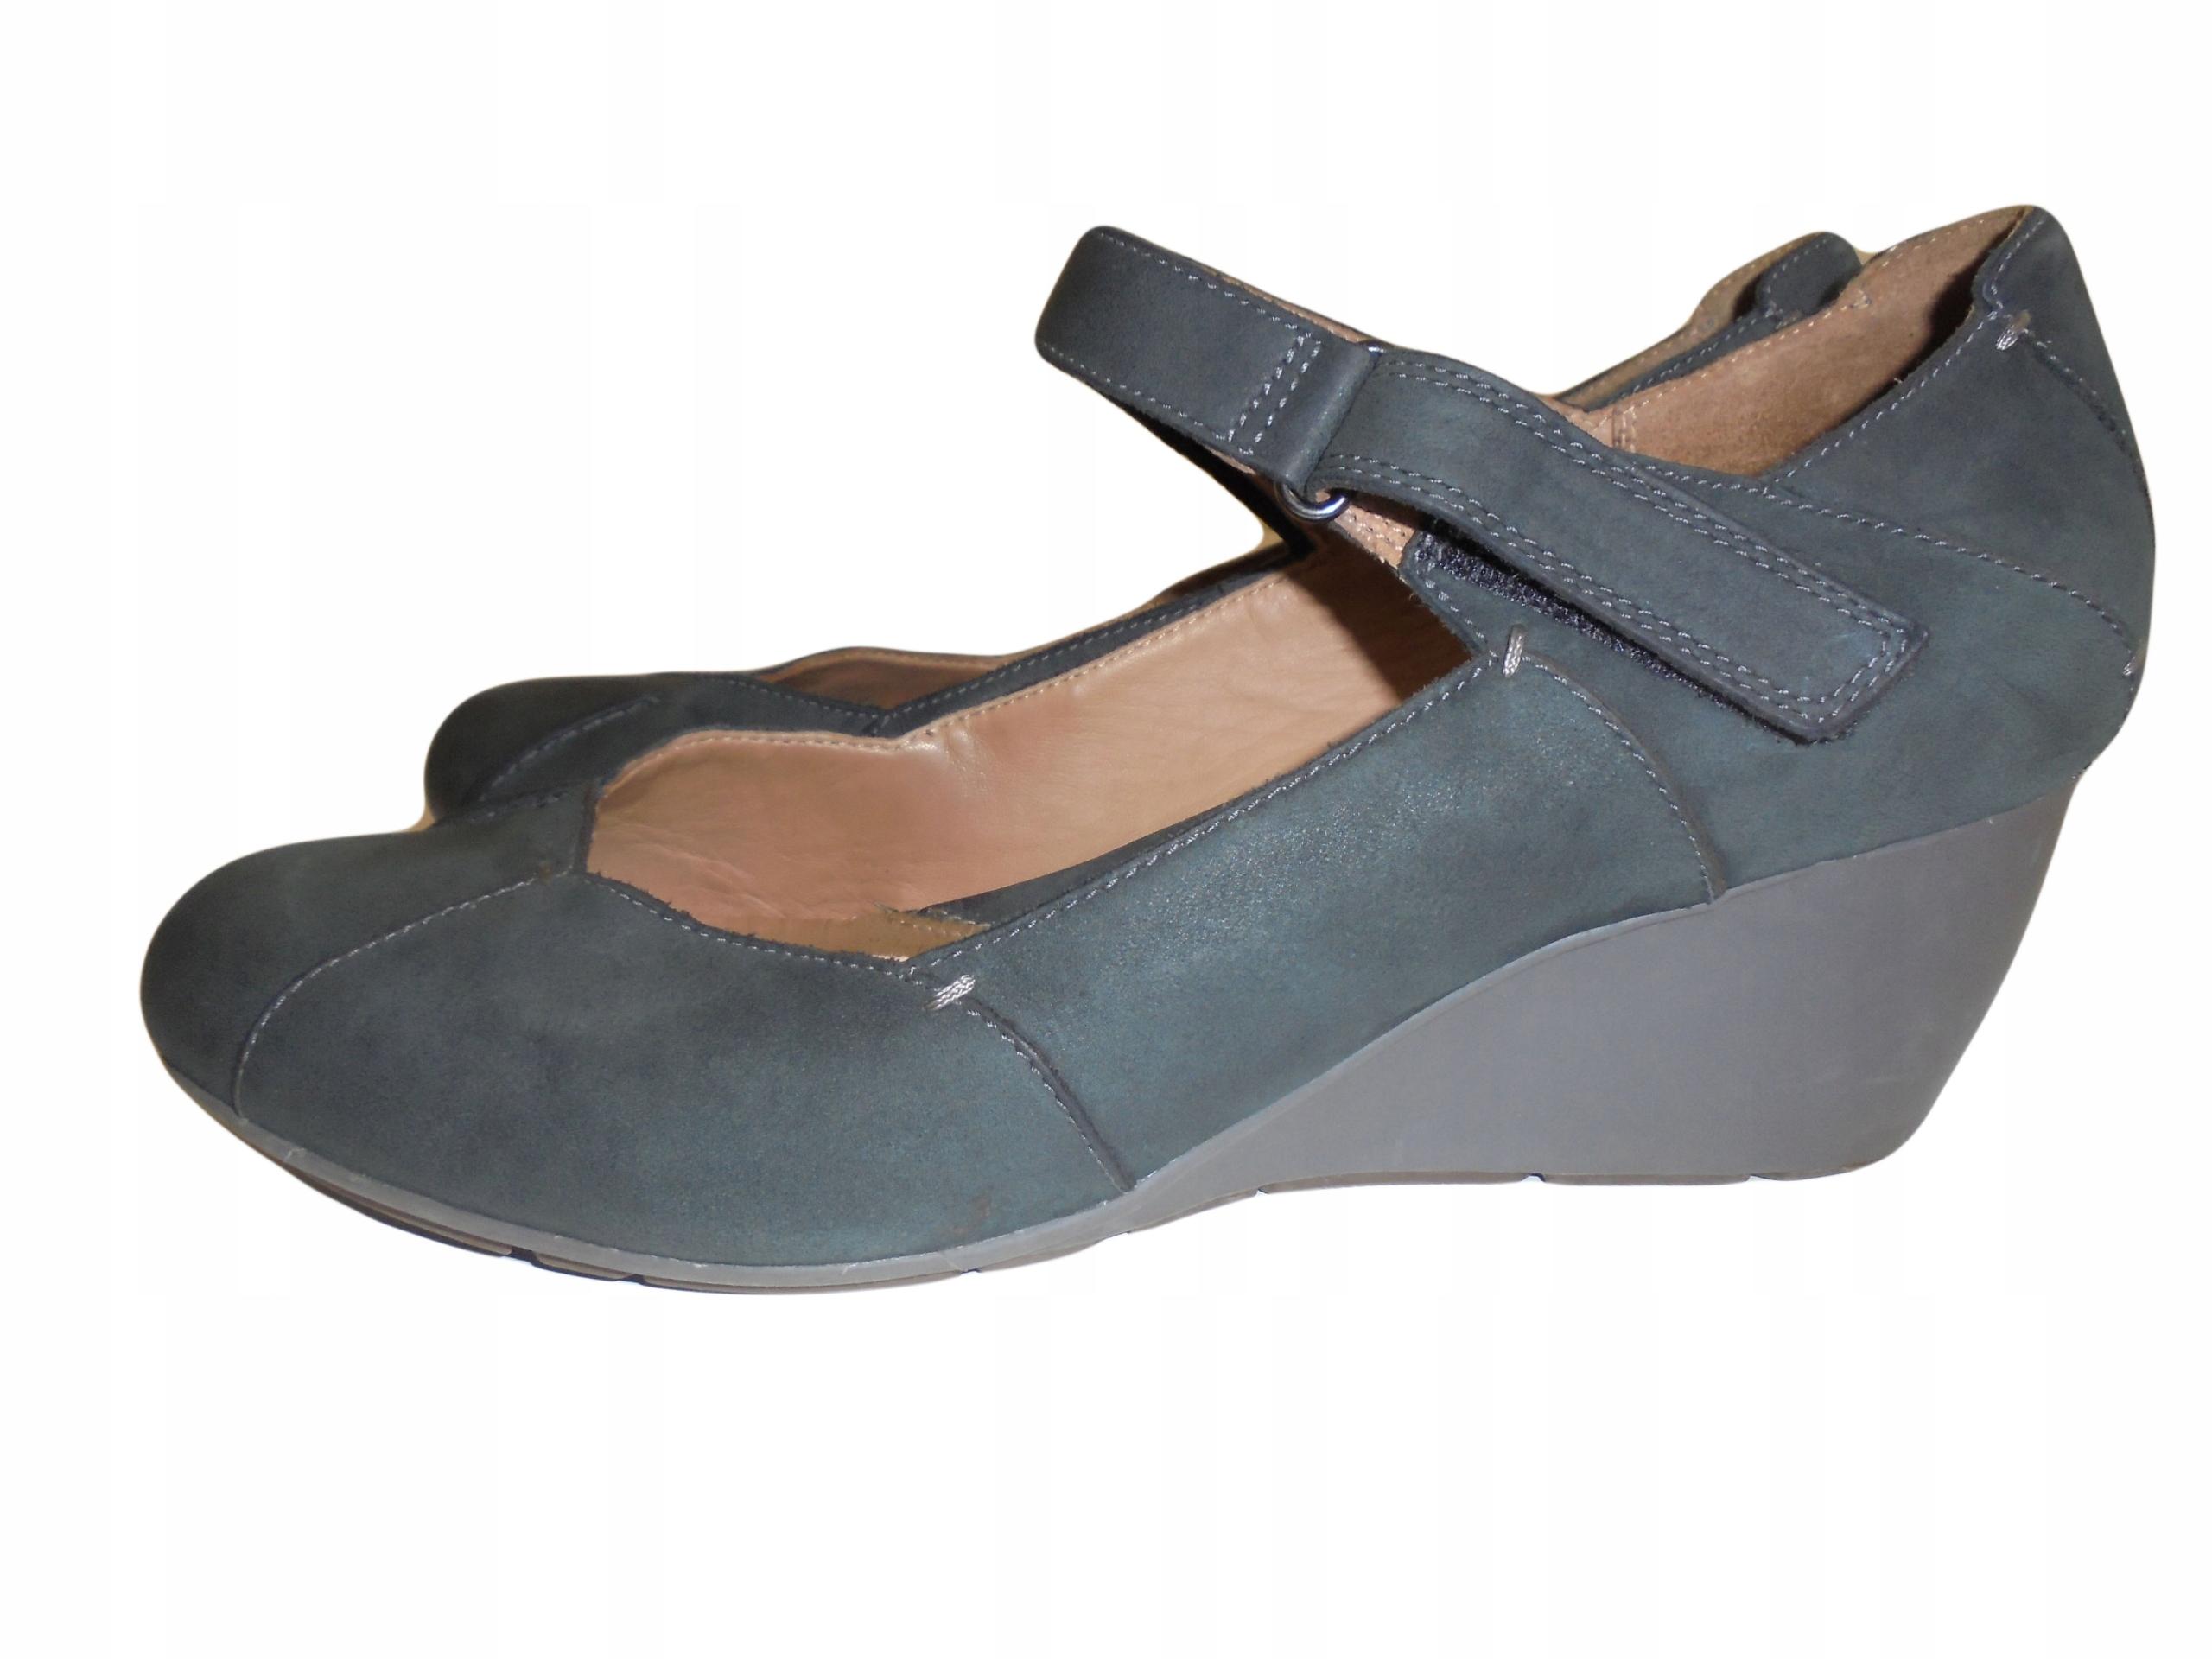 Skórzane buty firmy Clarks. Rozmiar 44.